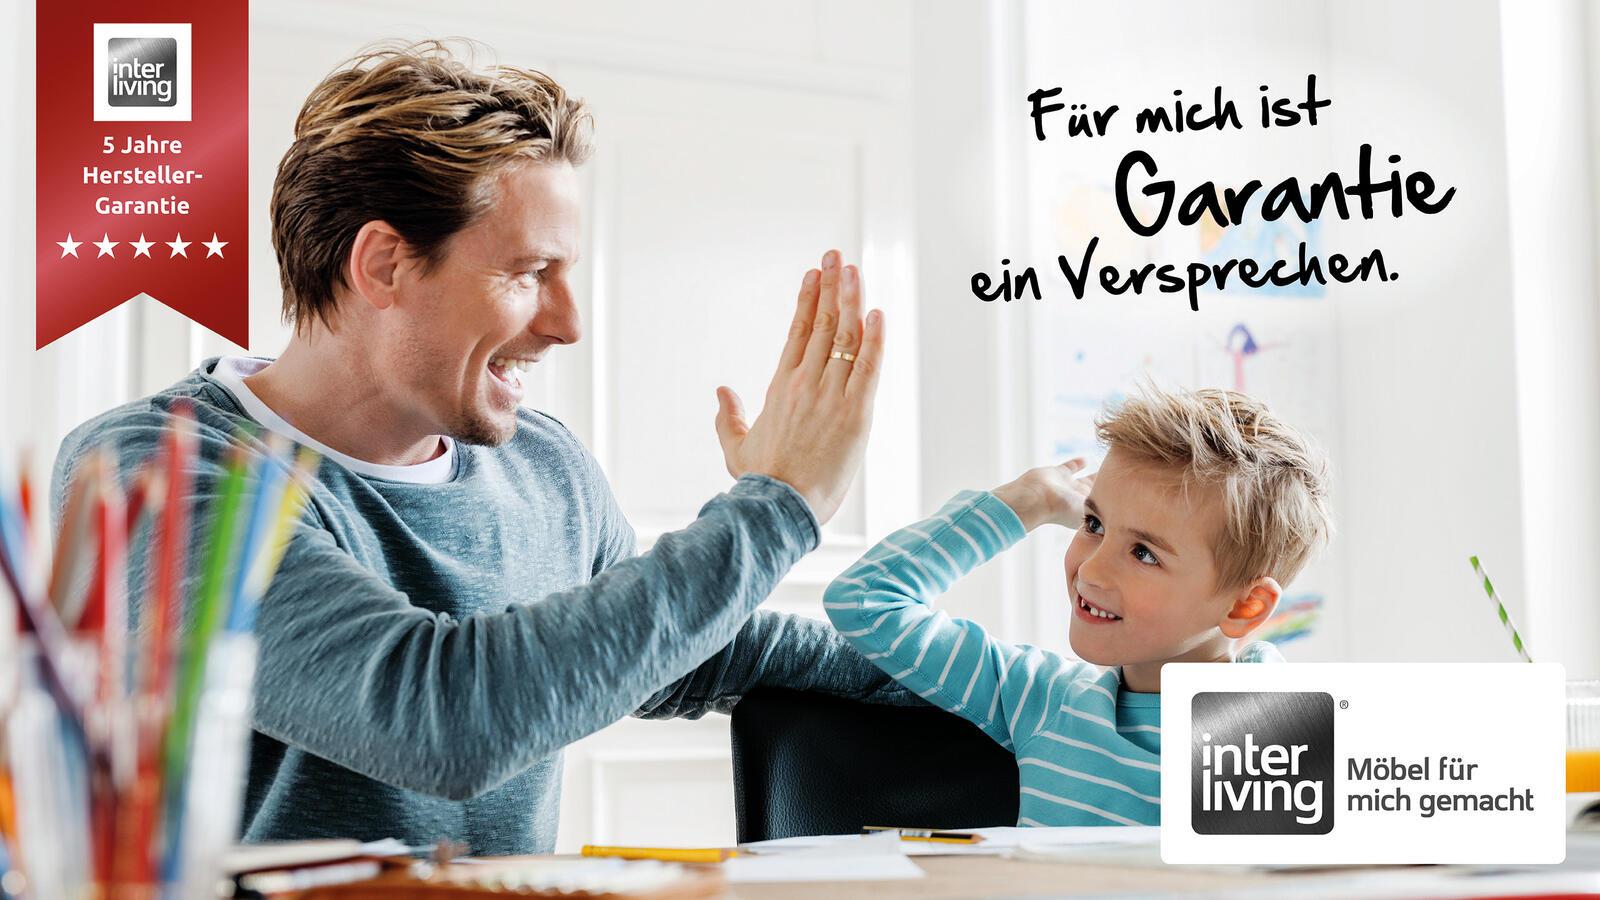 Interliving Möbel bei Hansel in Delbrück-Westenholz. Markenmöbel zu besten Preisen.